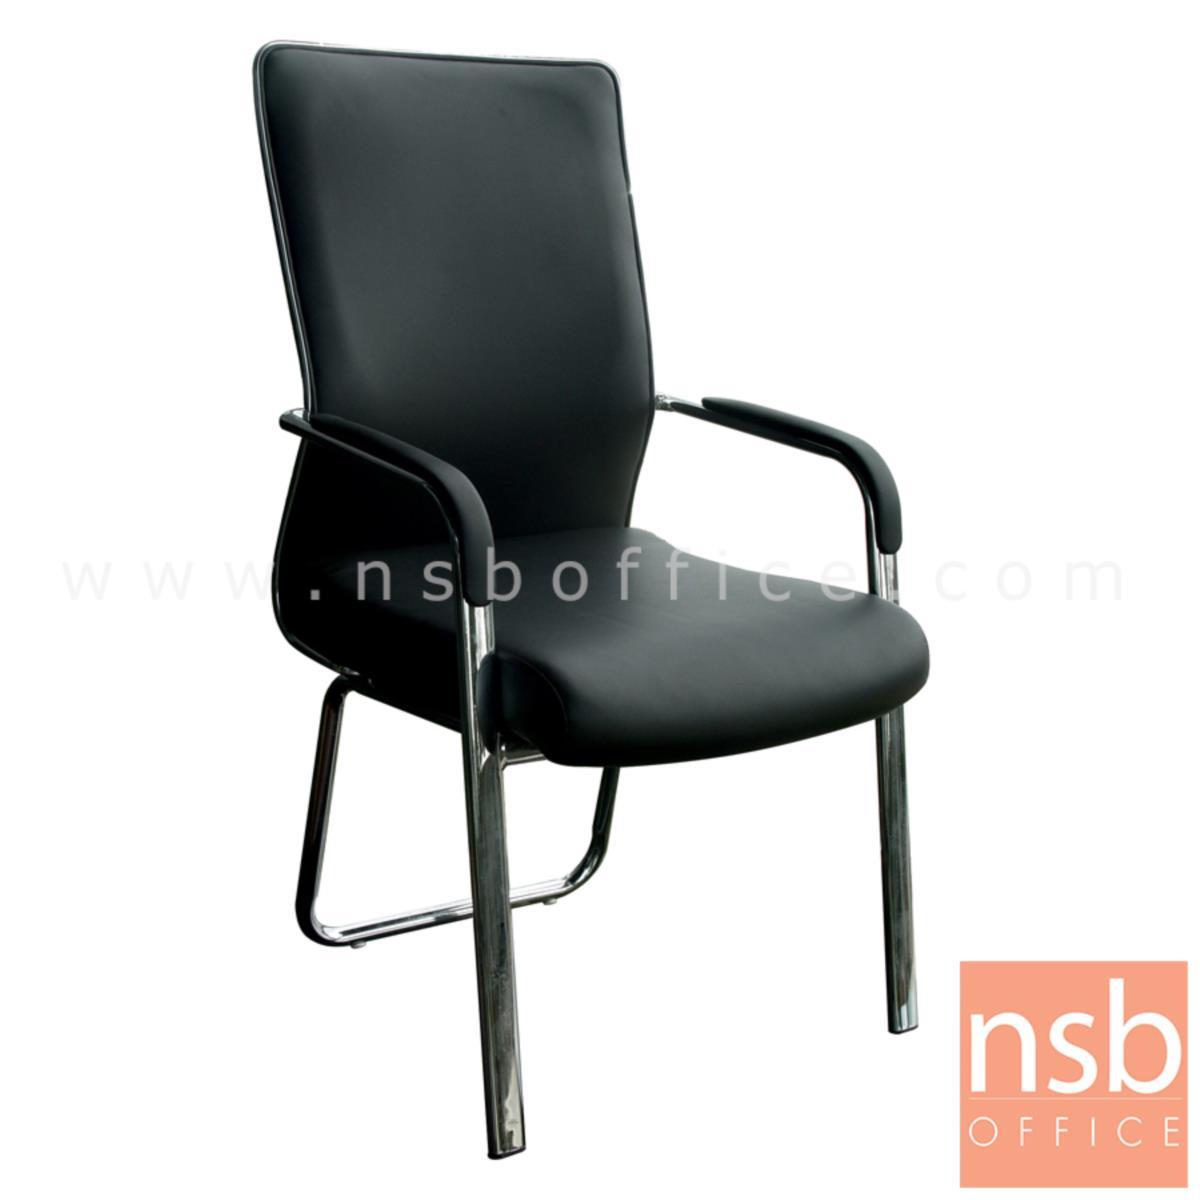 B04A176:เก้าอี้รับแขก รุ่น ID-ZM3 หุ้มหนังเทียม โครงขาเหล็ก